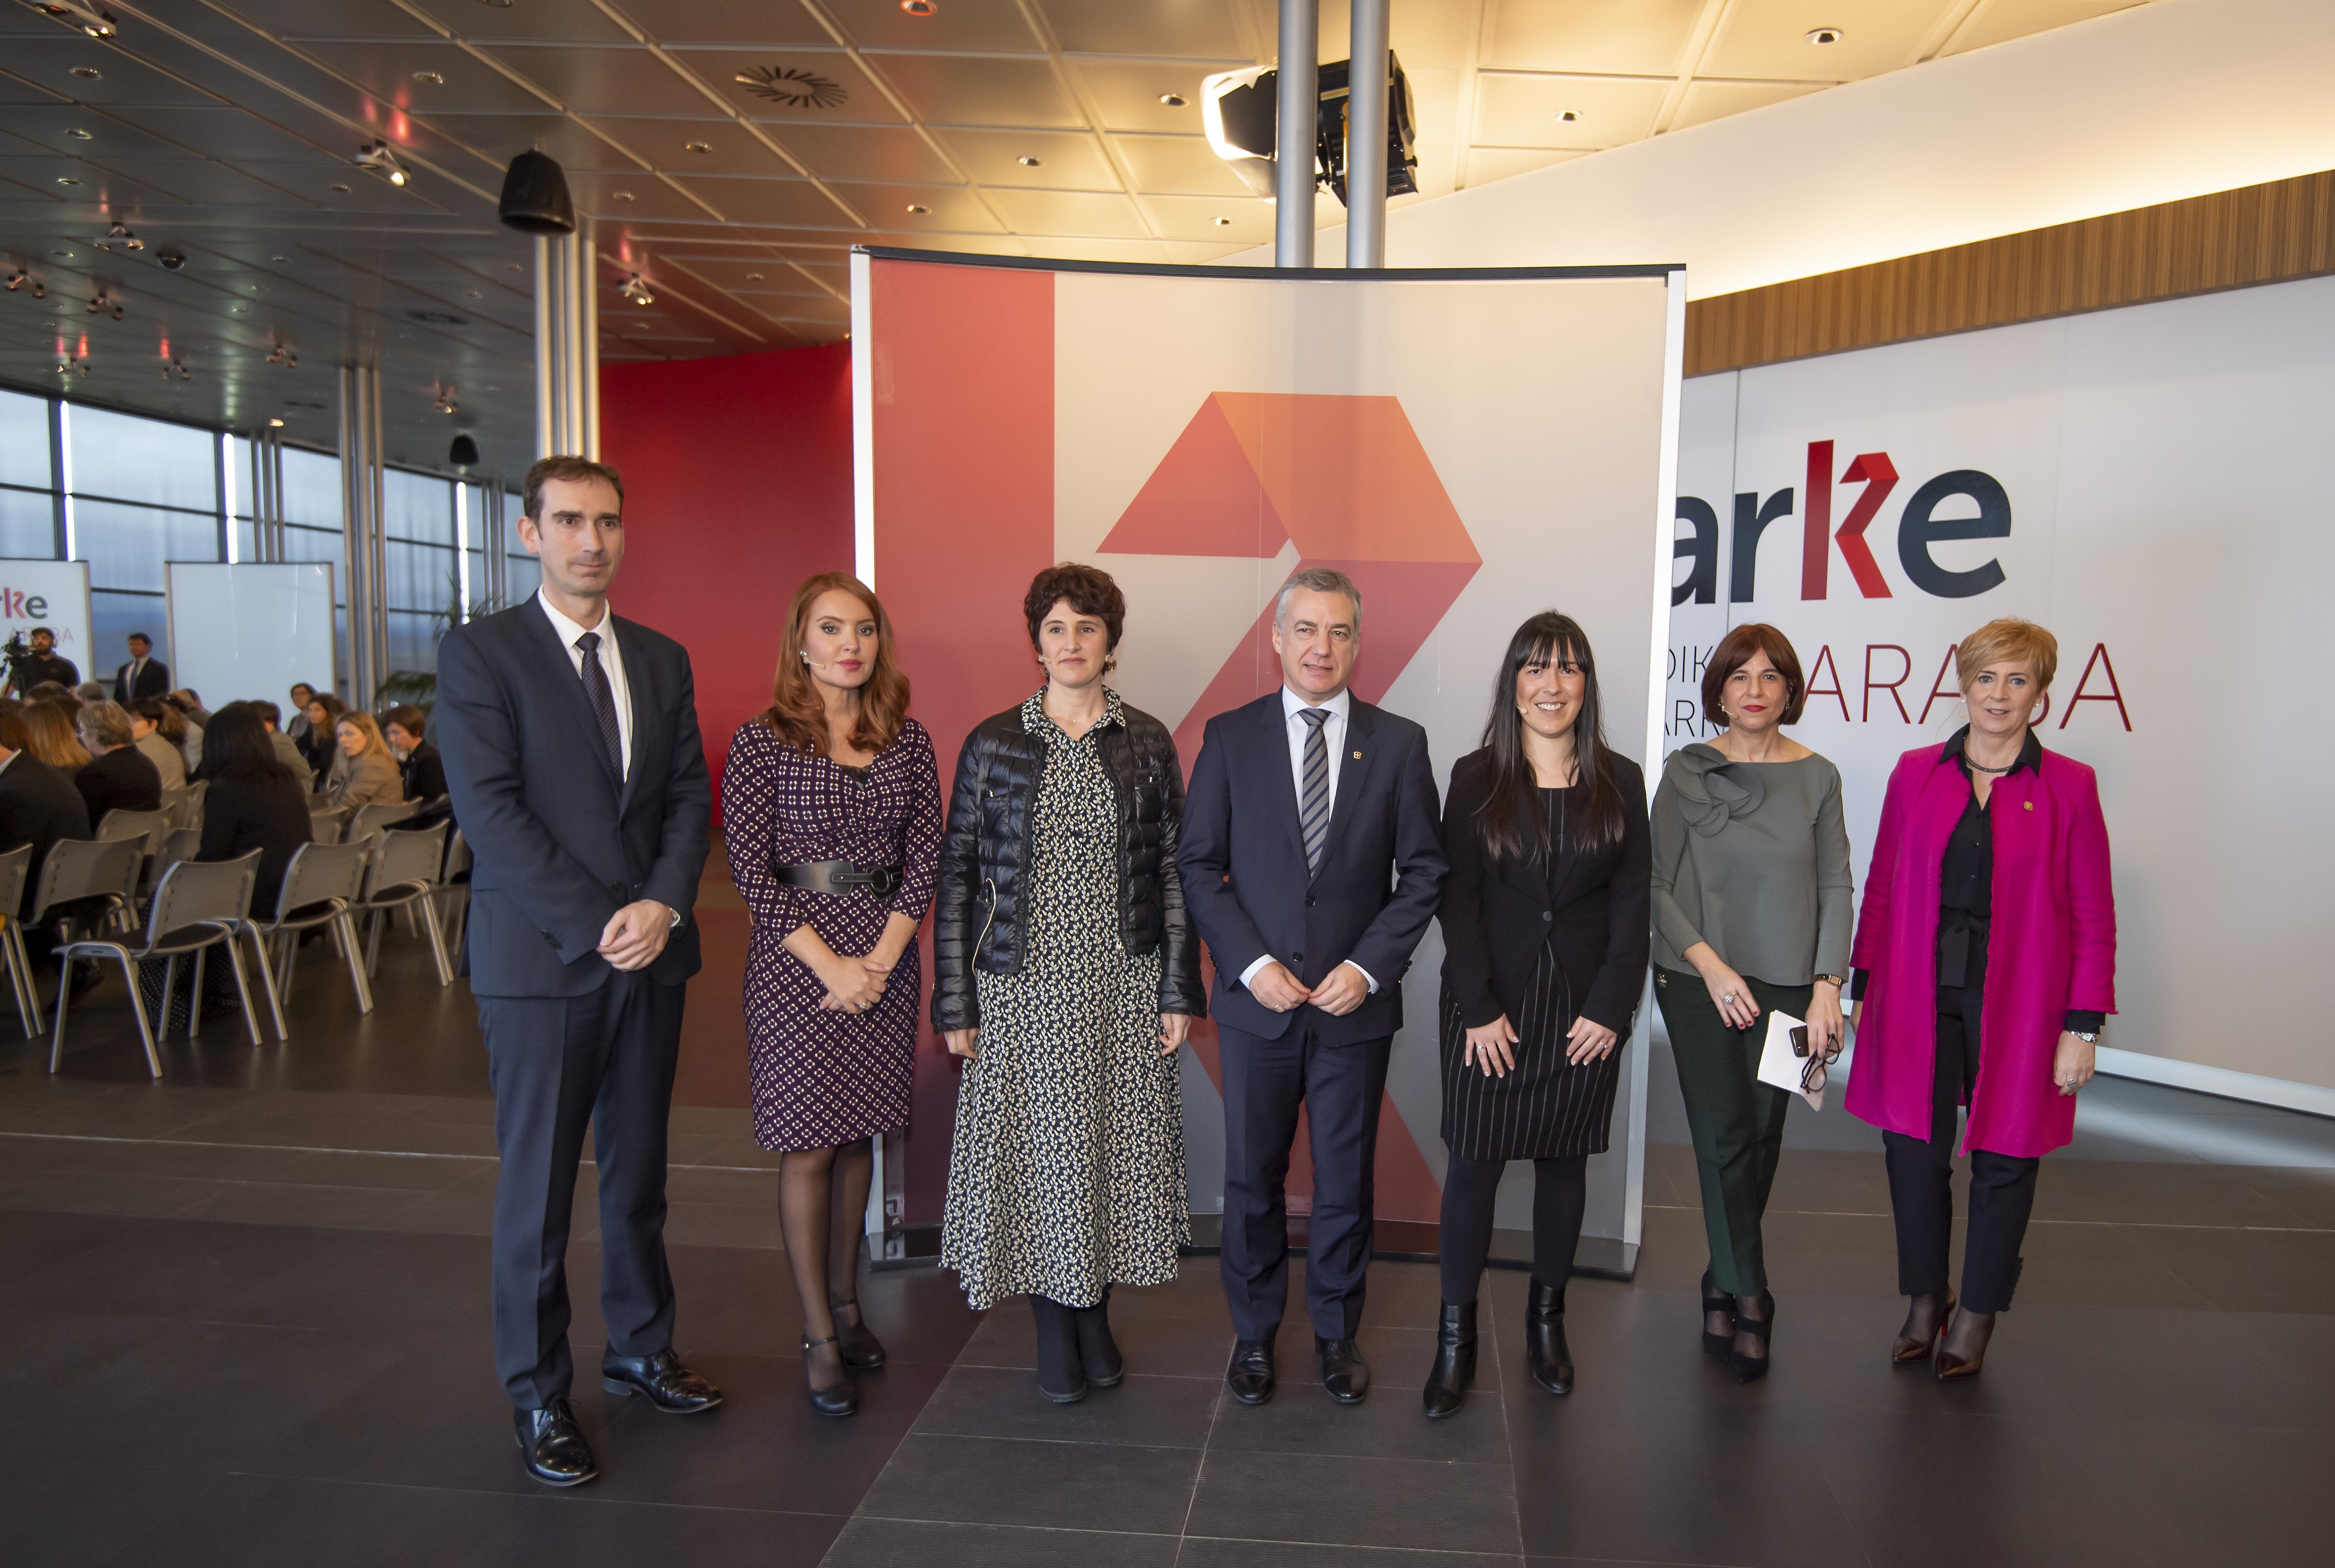 El Lehendakari reivindica la extensión del compromiso con igualdad al ámbito socio-económico y a la responsabilidad de dirigir y gestionar las empresas de Euskadi [9:19]